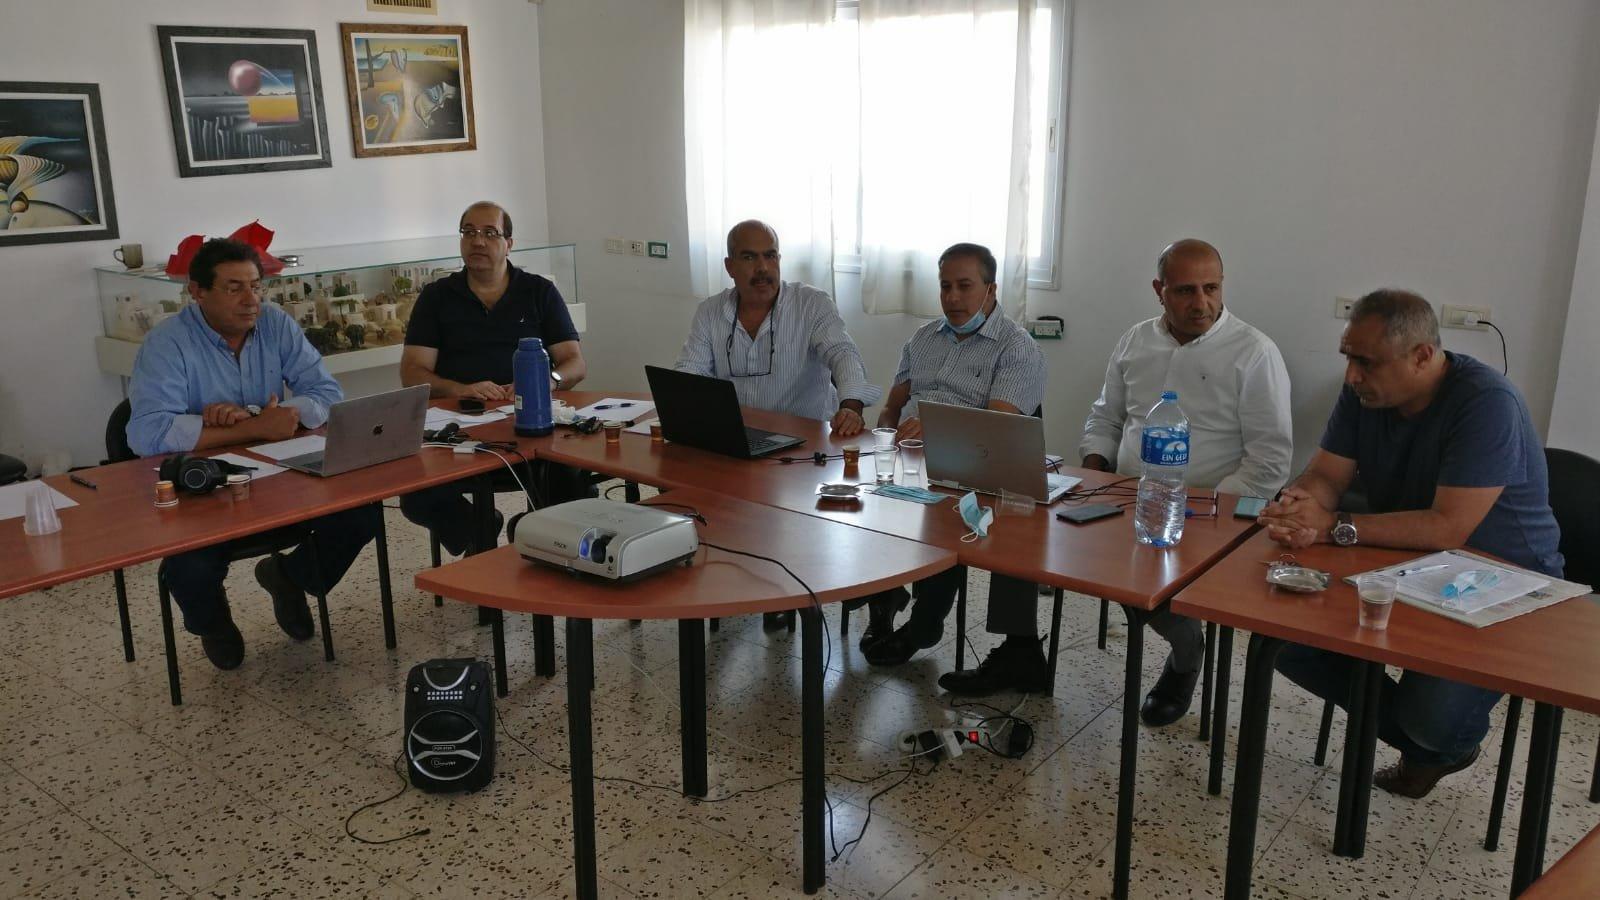 خطة خمسية لتطوير الهايتك والحداثة في المجتمع العربي-0